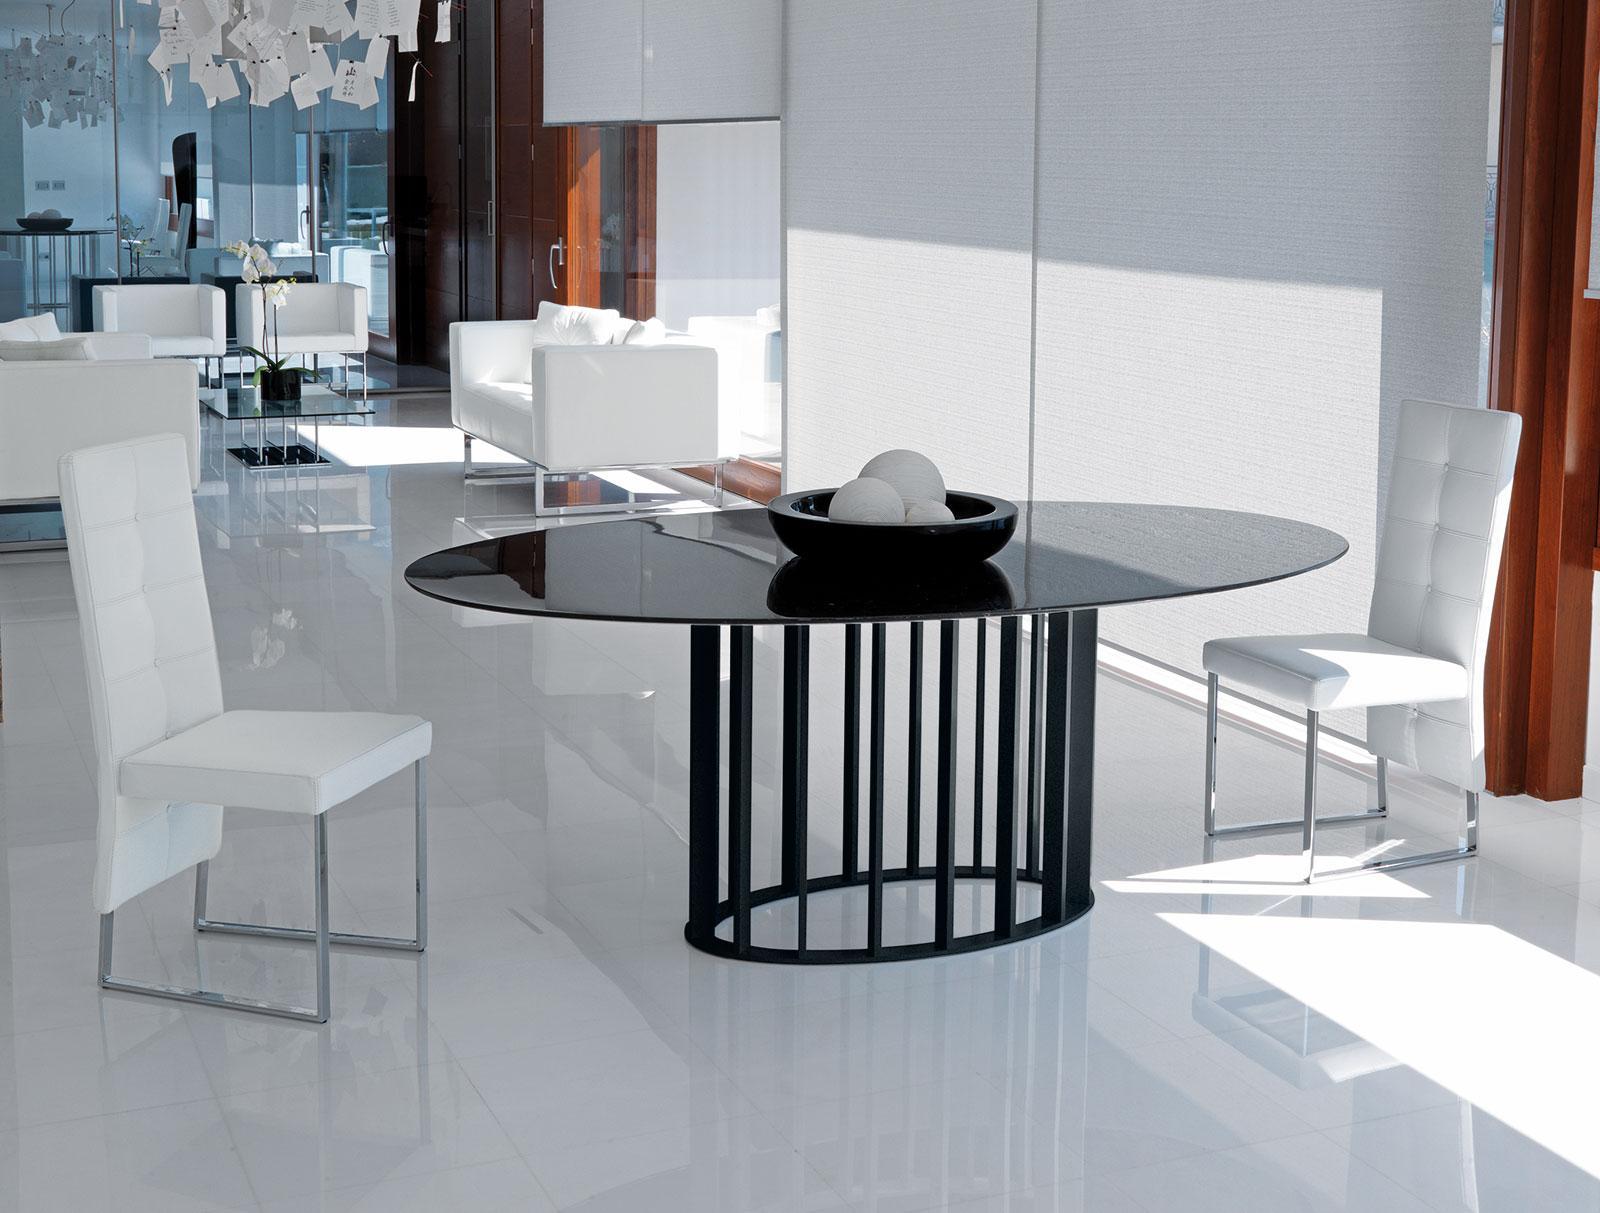 Embassy tavolo ovale vetro e metallo italy dream design for Tavolo ovale allungabile vetro